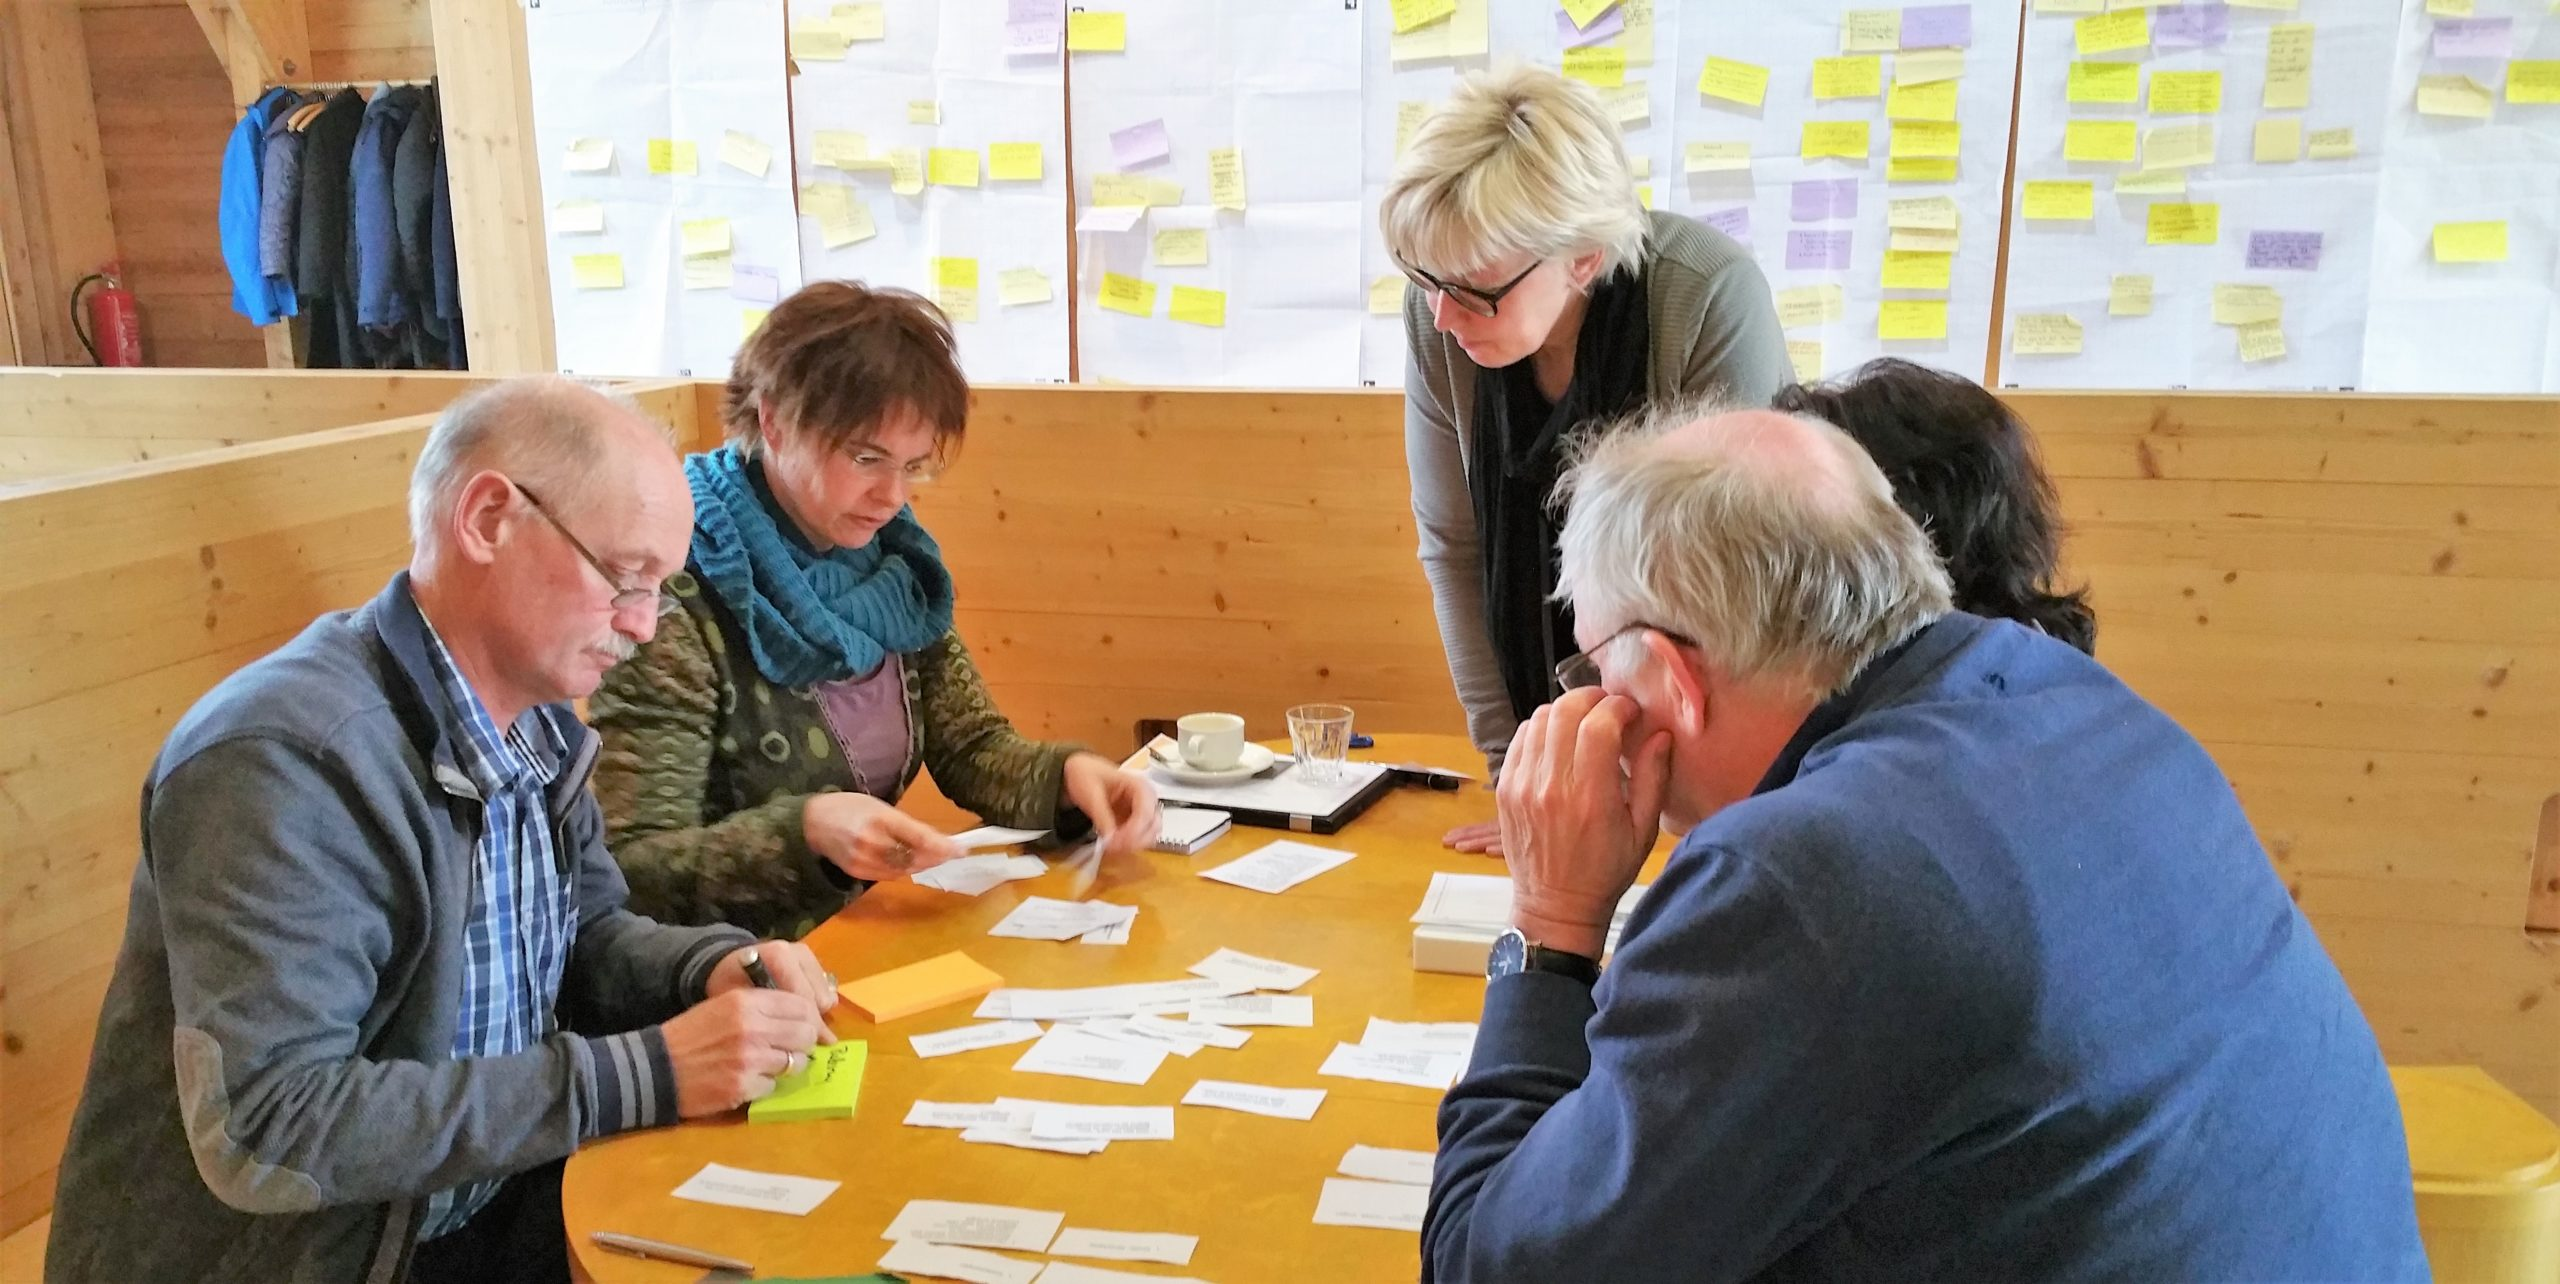 leergemeenschap waarderenden gemeenteopbouw